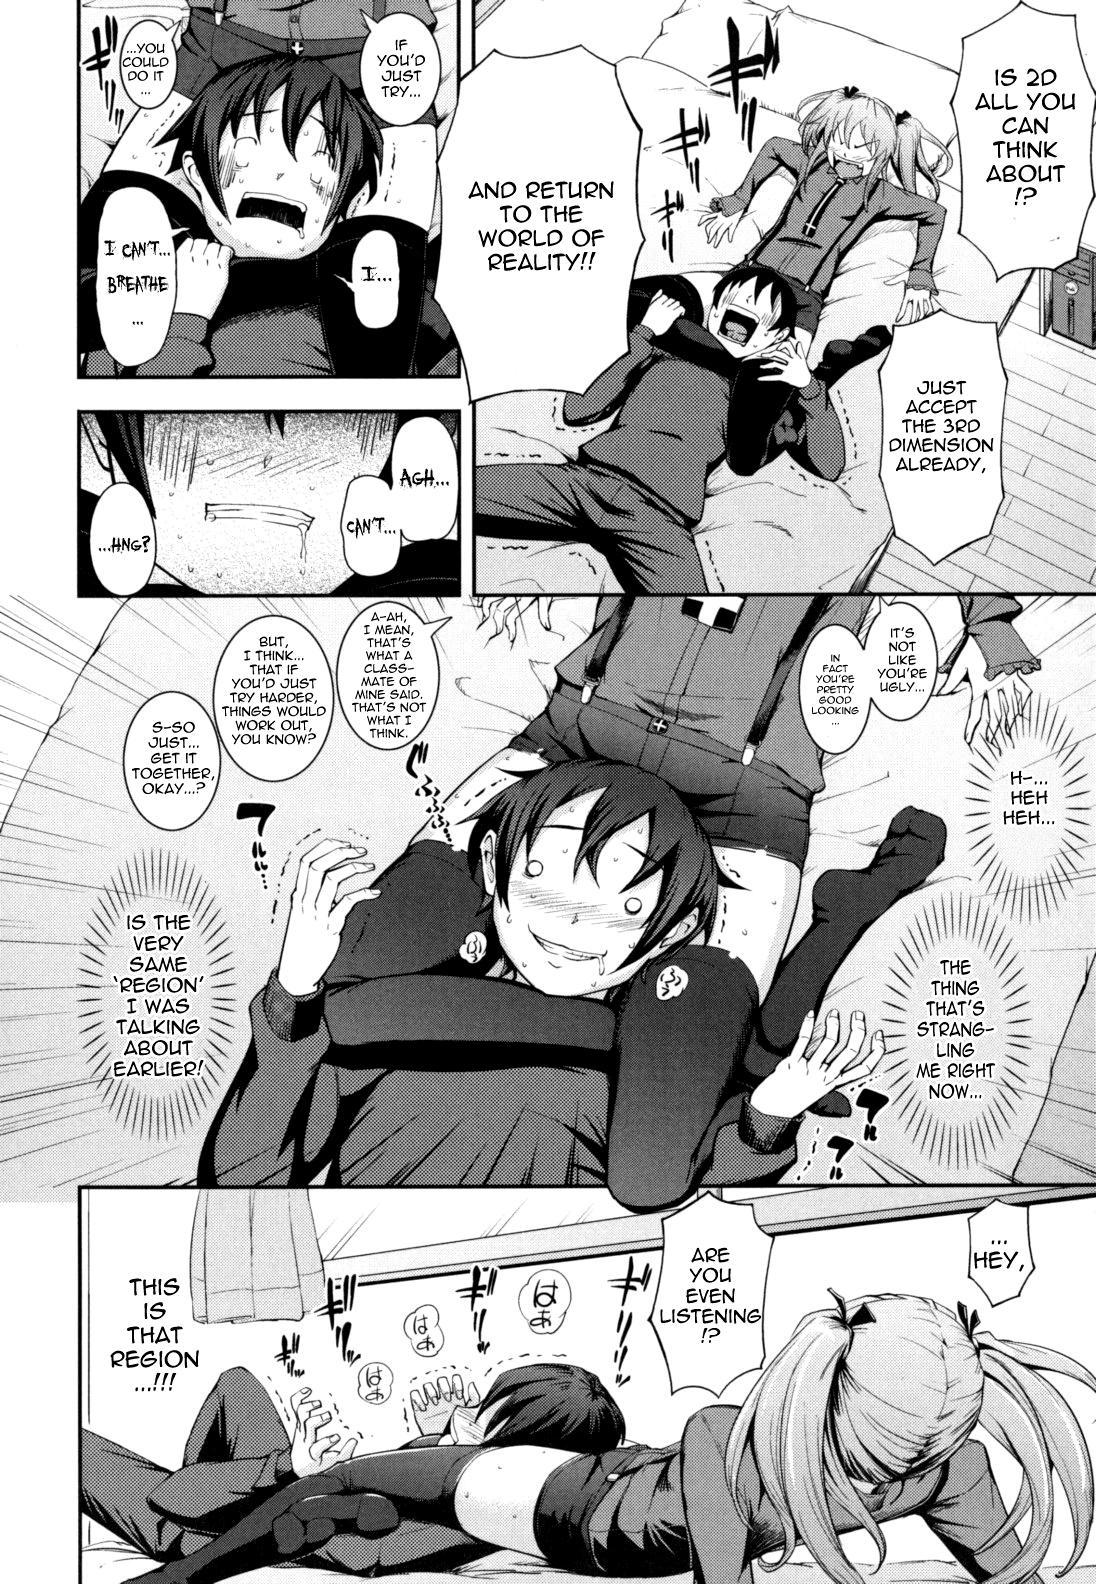 Boku no Watashi no Shitai Koto!   What You and I Want to do Together 155